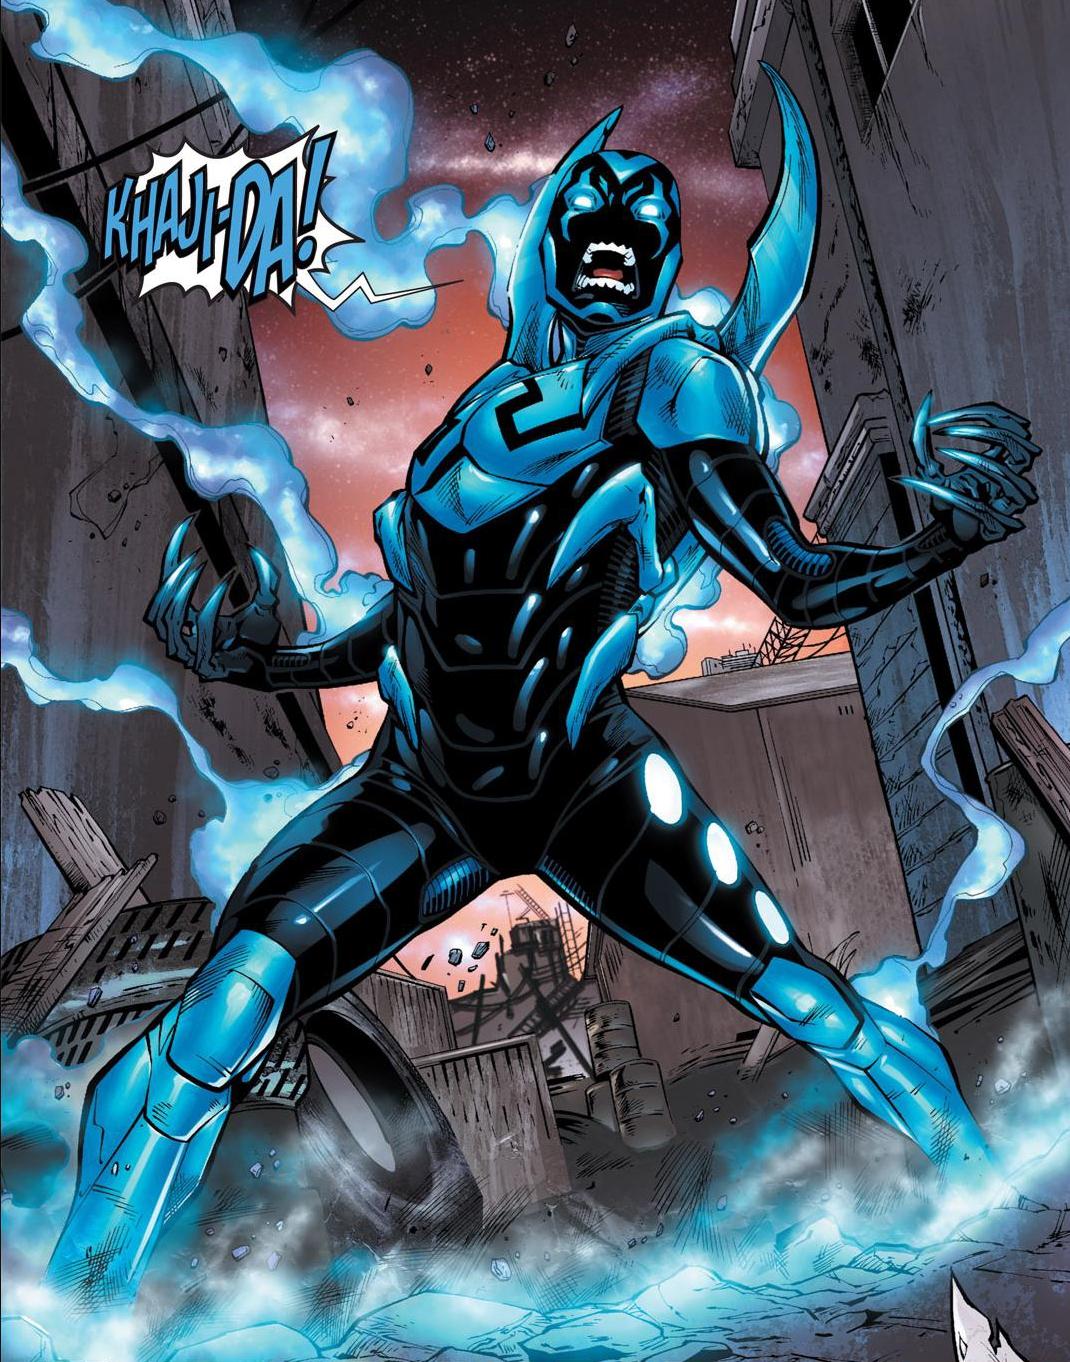 http://2.bp.blogspot.com/-1SiMHBybDEo/ToQTVeFYxEI/AAAAAAAAAGc/_7O6s6o3DiY/s1600/Blue+Beetle+%25231+-+Page+20.jpg